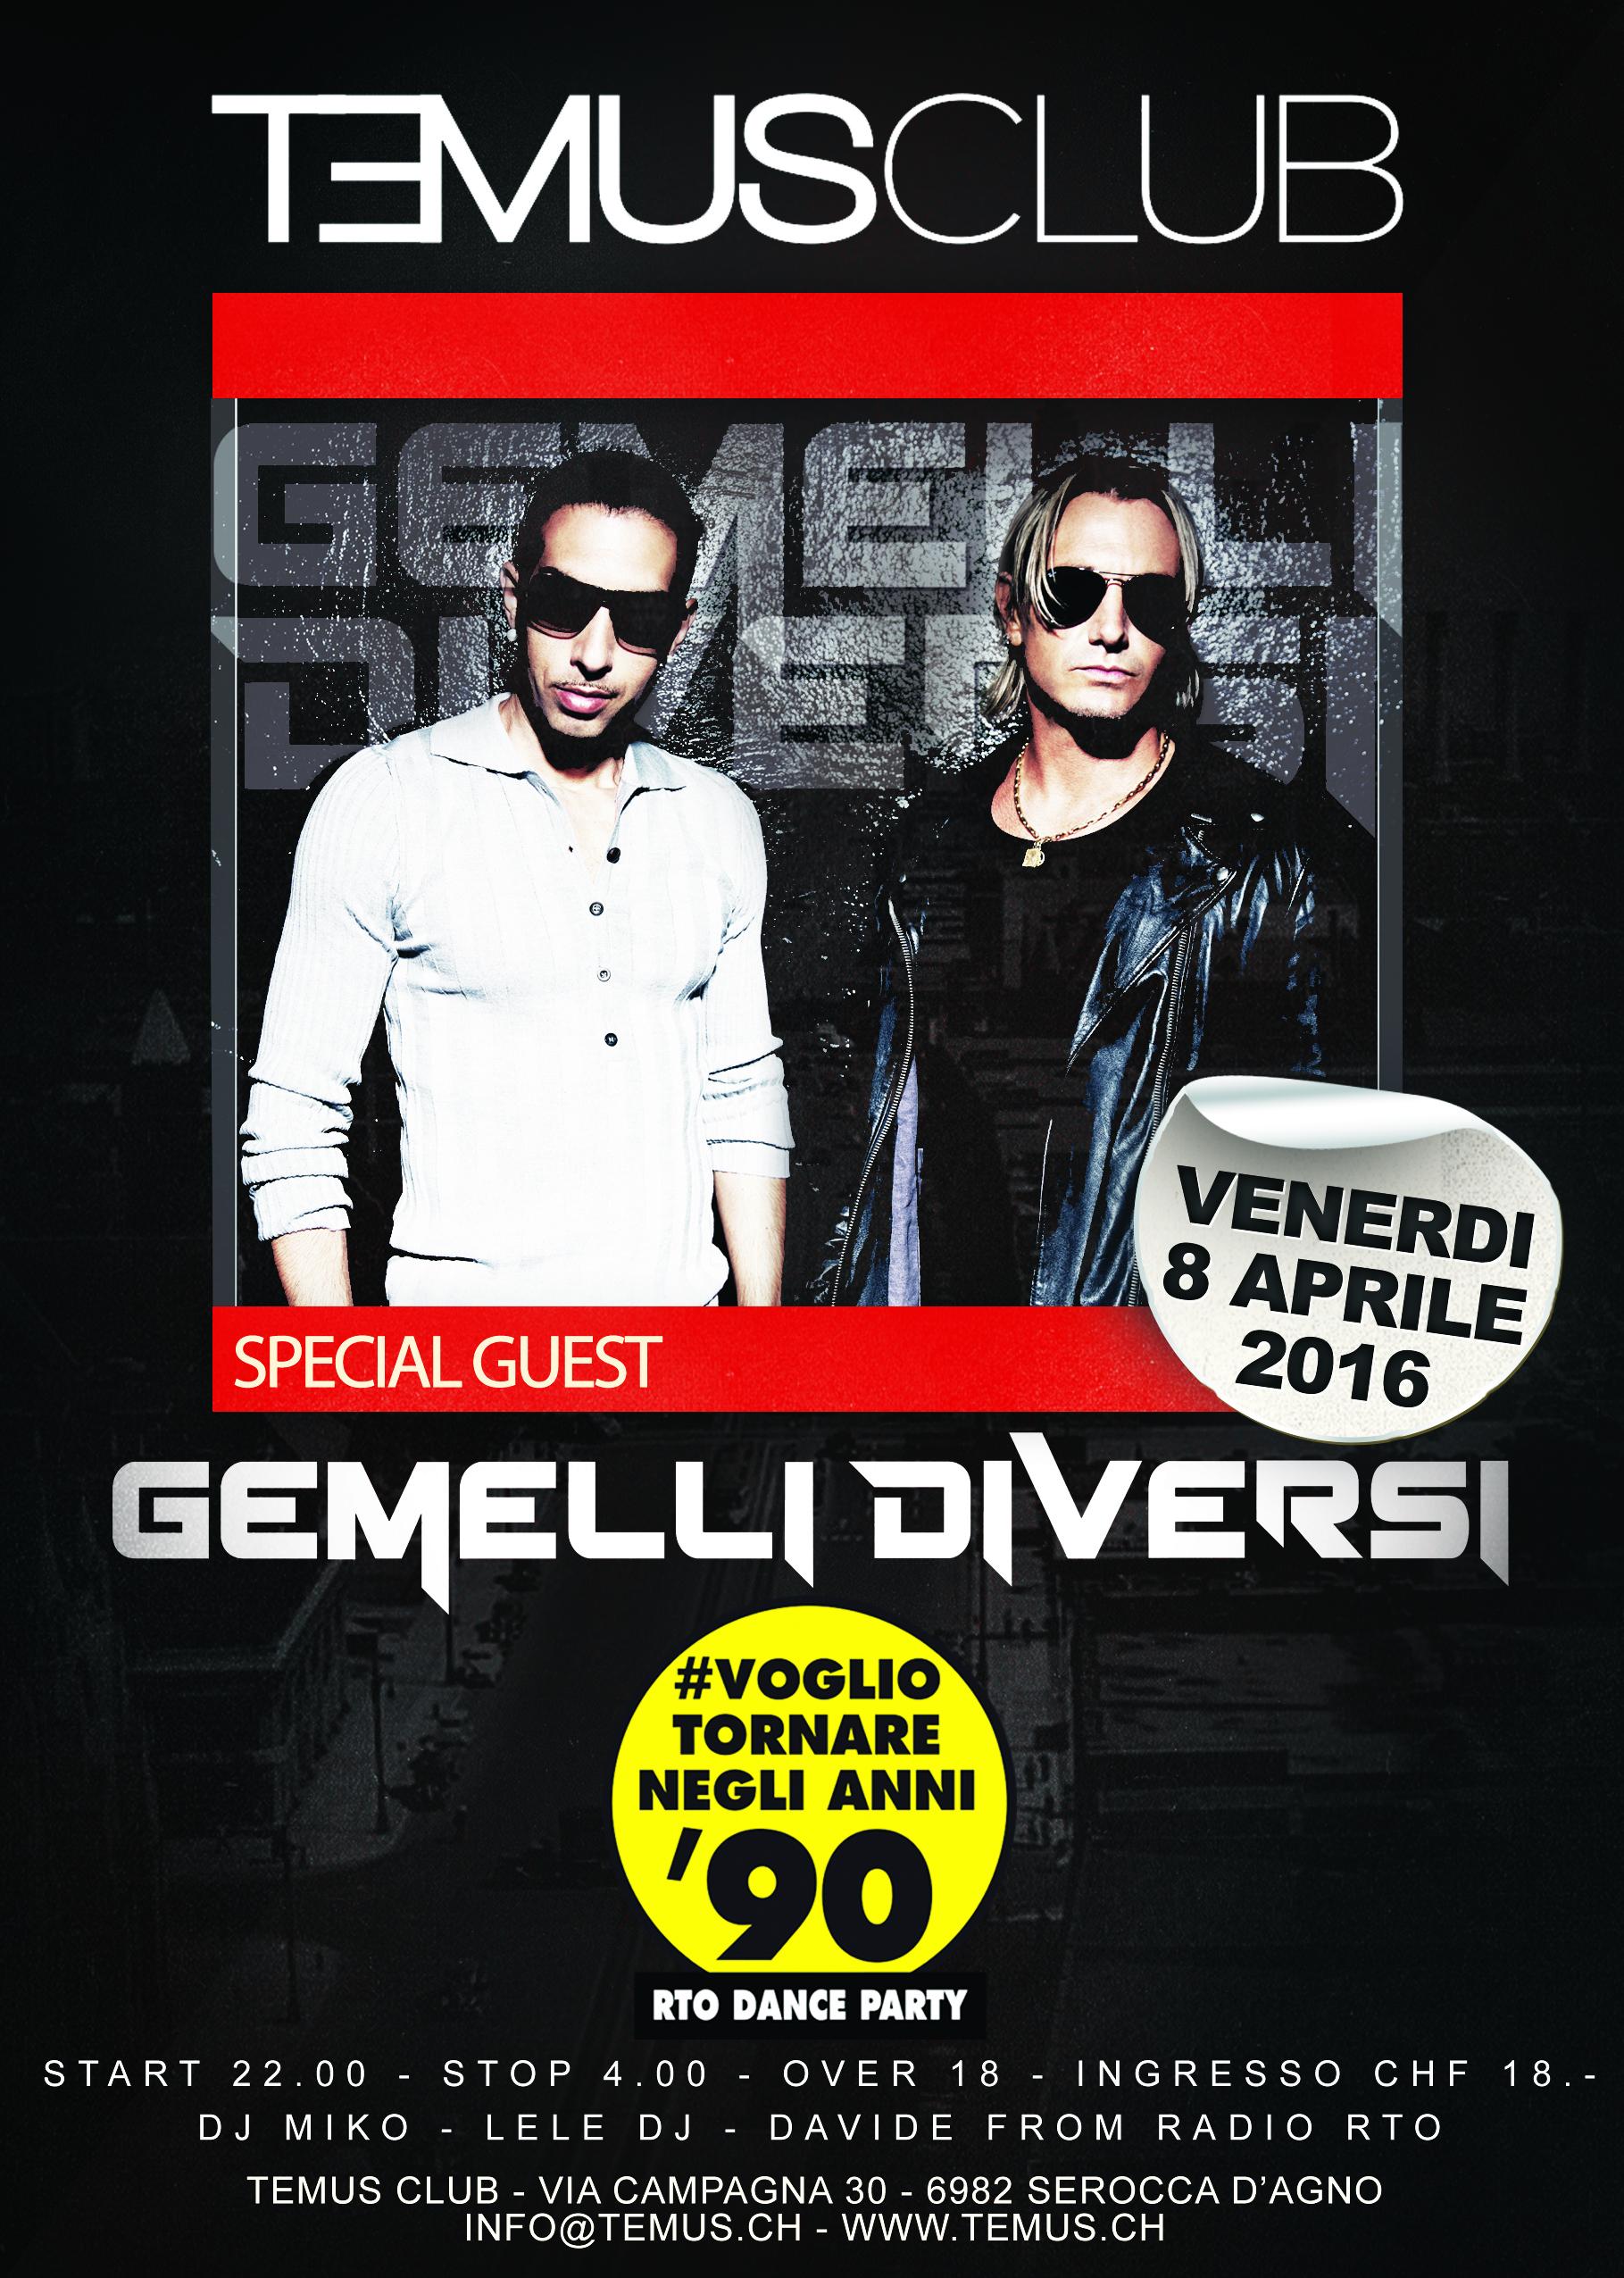 Gemelli diversi temus club eventi agendalugano - Vai gemelli diversi ...